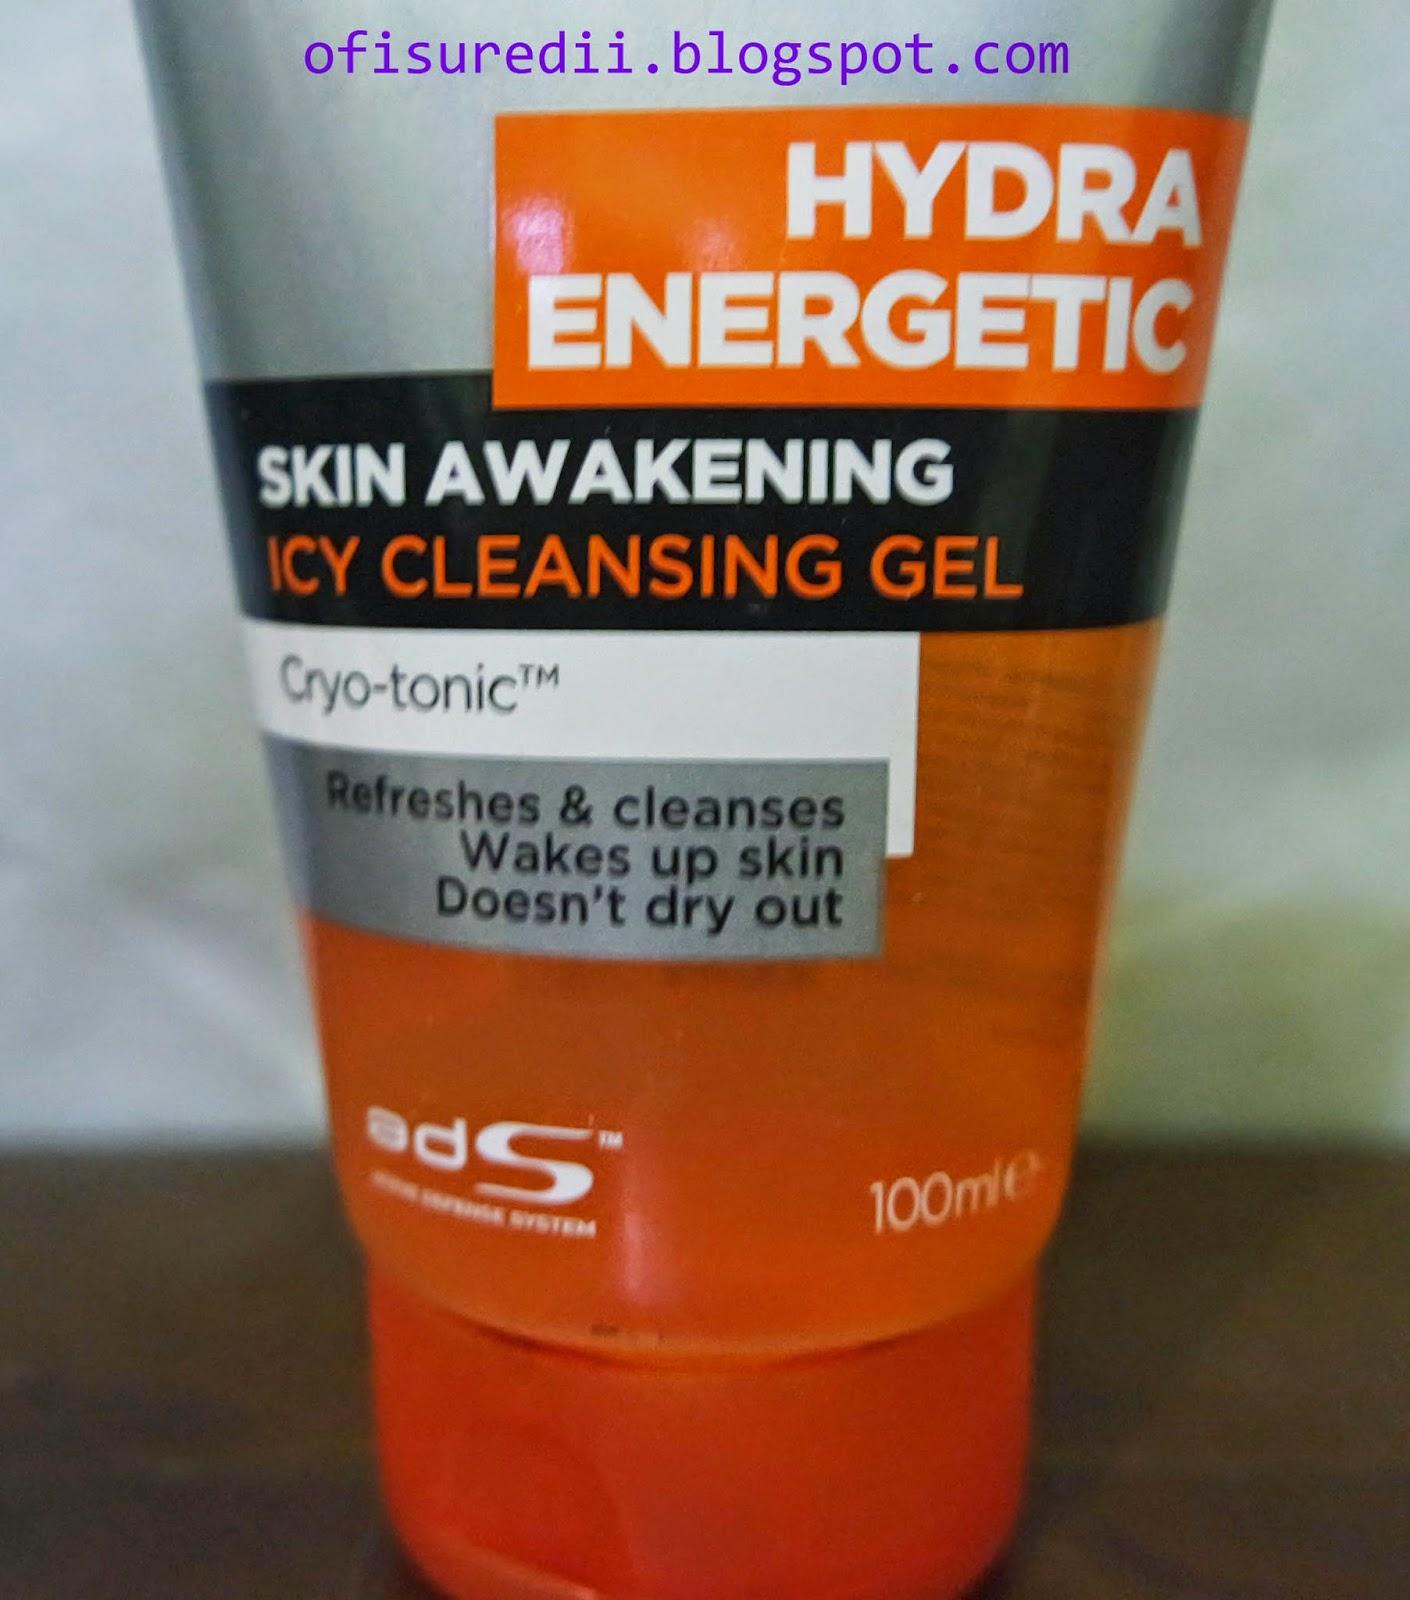 Kebayang ga kalau dari namanya skin awakening icy cleansing gel the name describes exactly jadi sabun muka ini memiliki sensasi yang dingin di muka dan